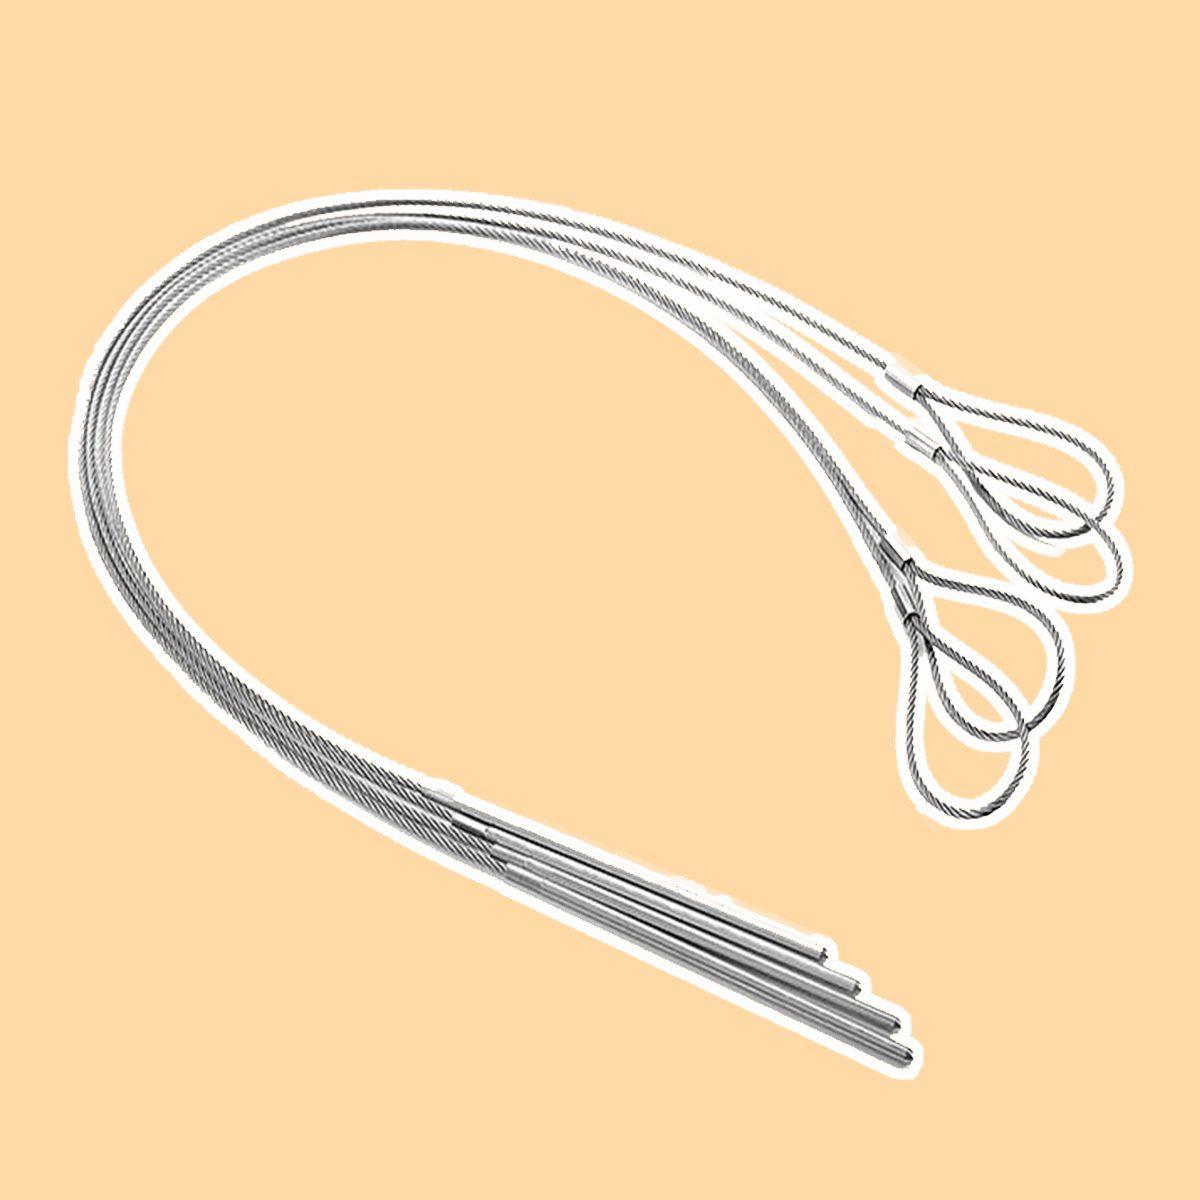 STAINLESS STEEL FLEXIBLE SKEWERS